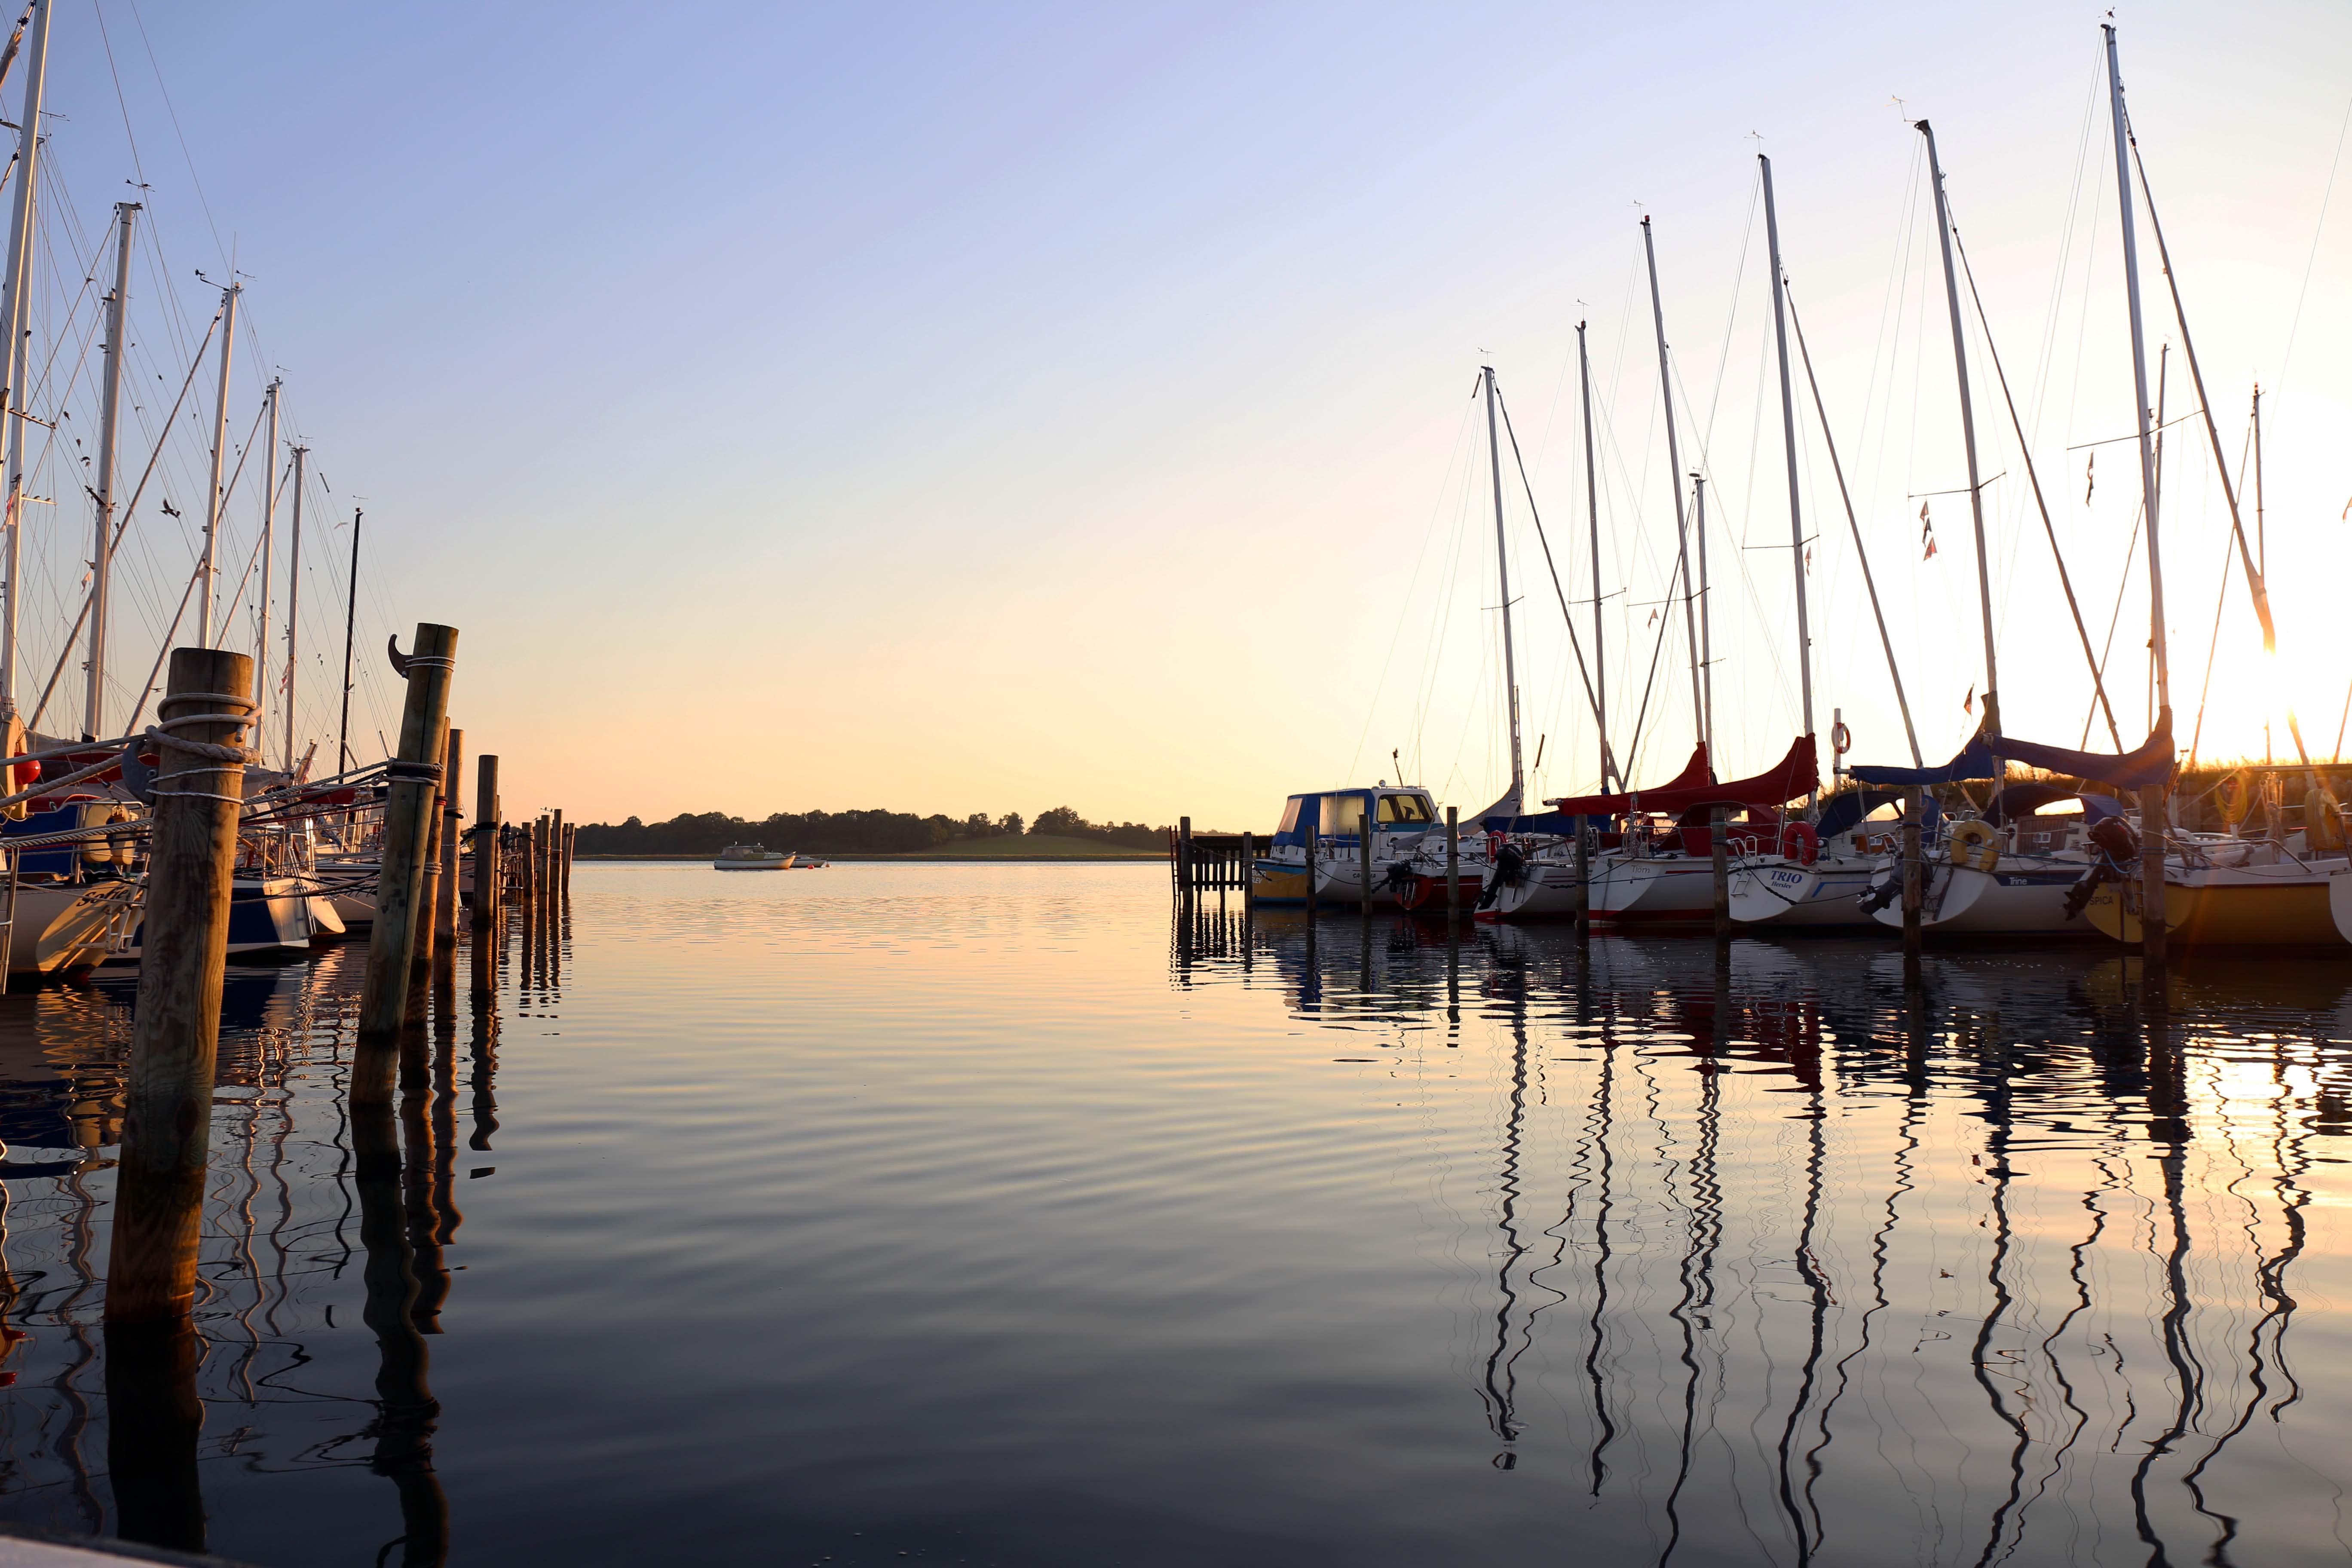 Roskilde fjord er et centrum for aktive fritidsfolk, som nyder naturen og fjorden i fulde drag. Denne aften kan du høre mere om Roskilde fjord. Alle som har interesse er velkomne.